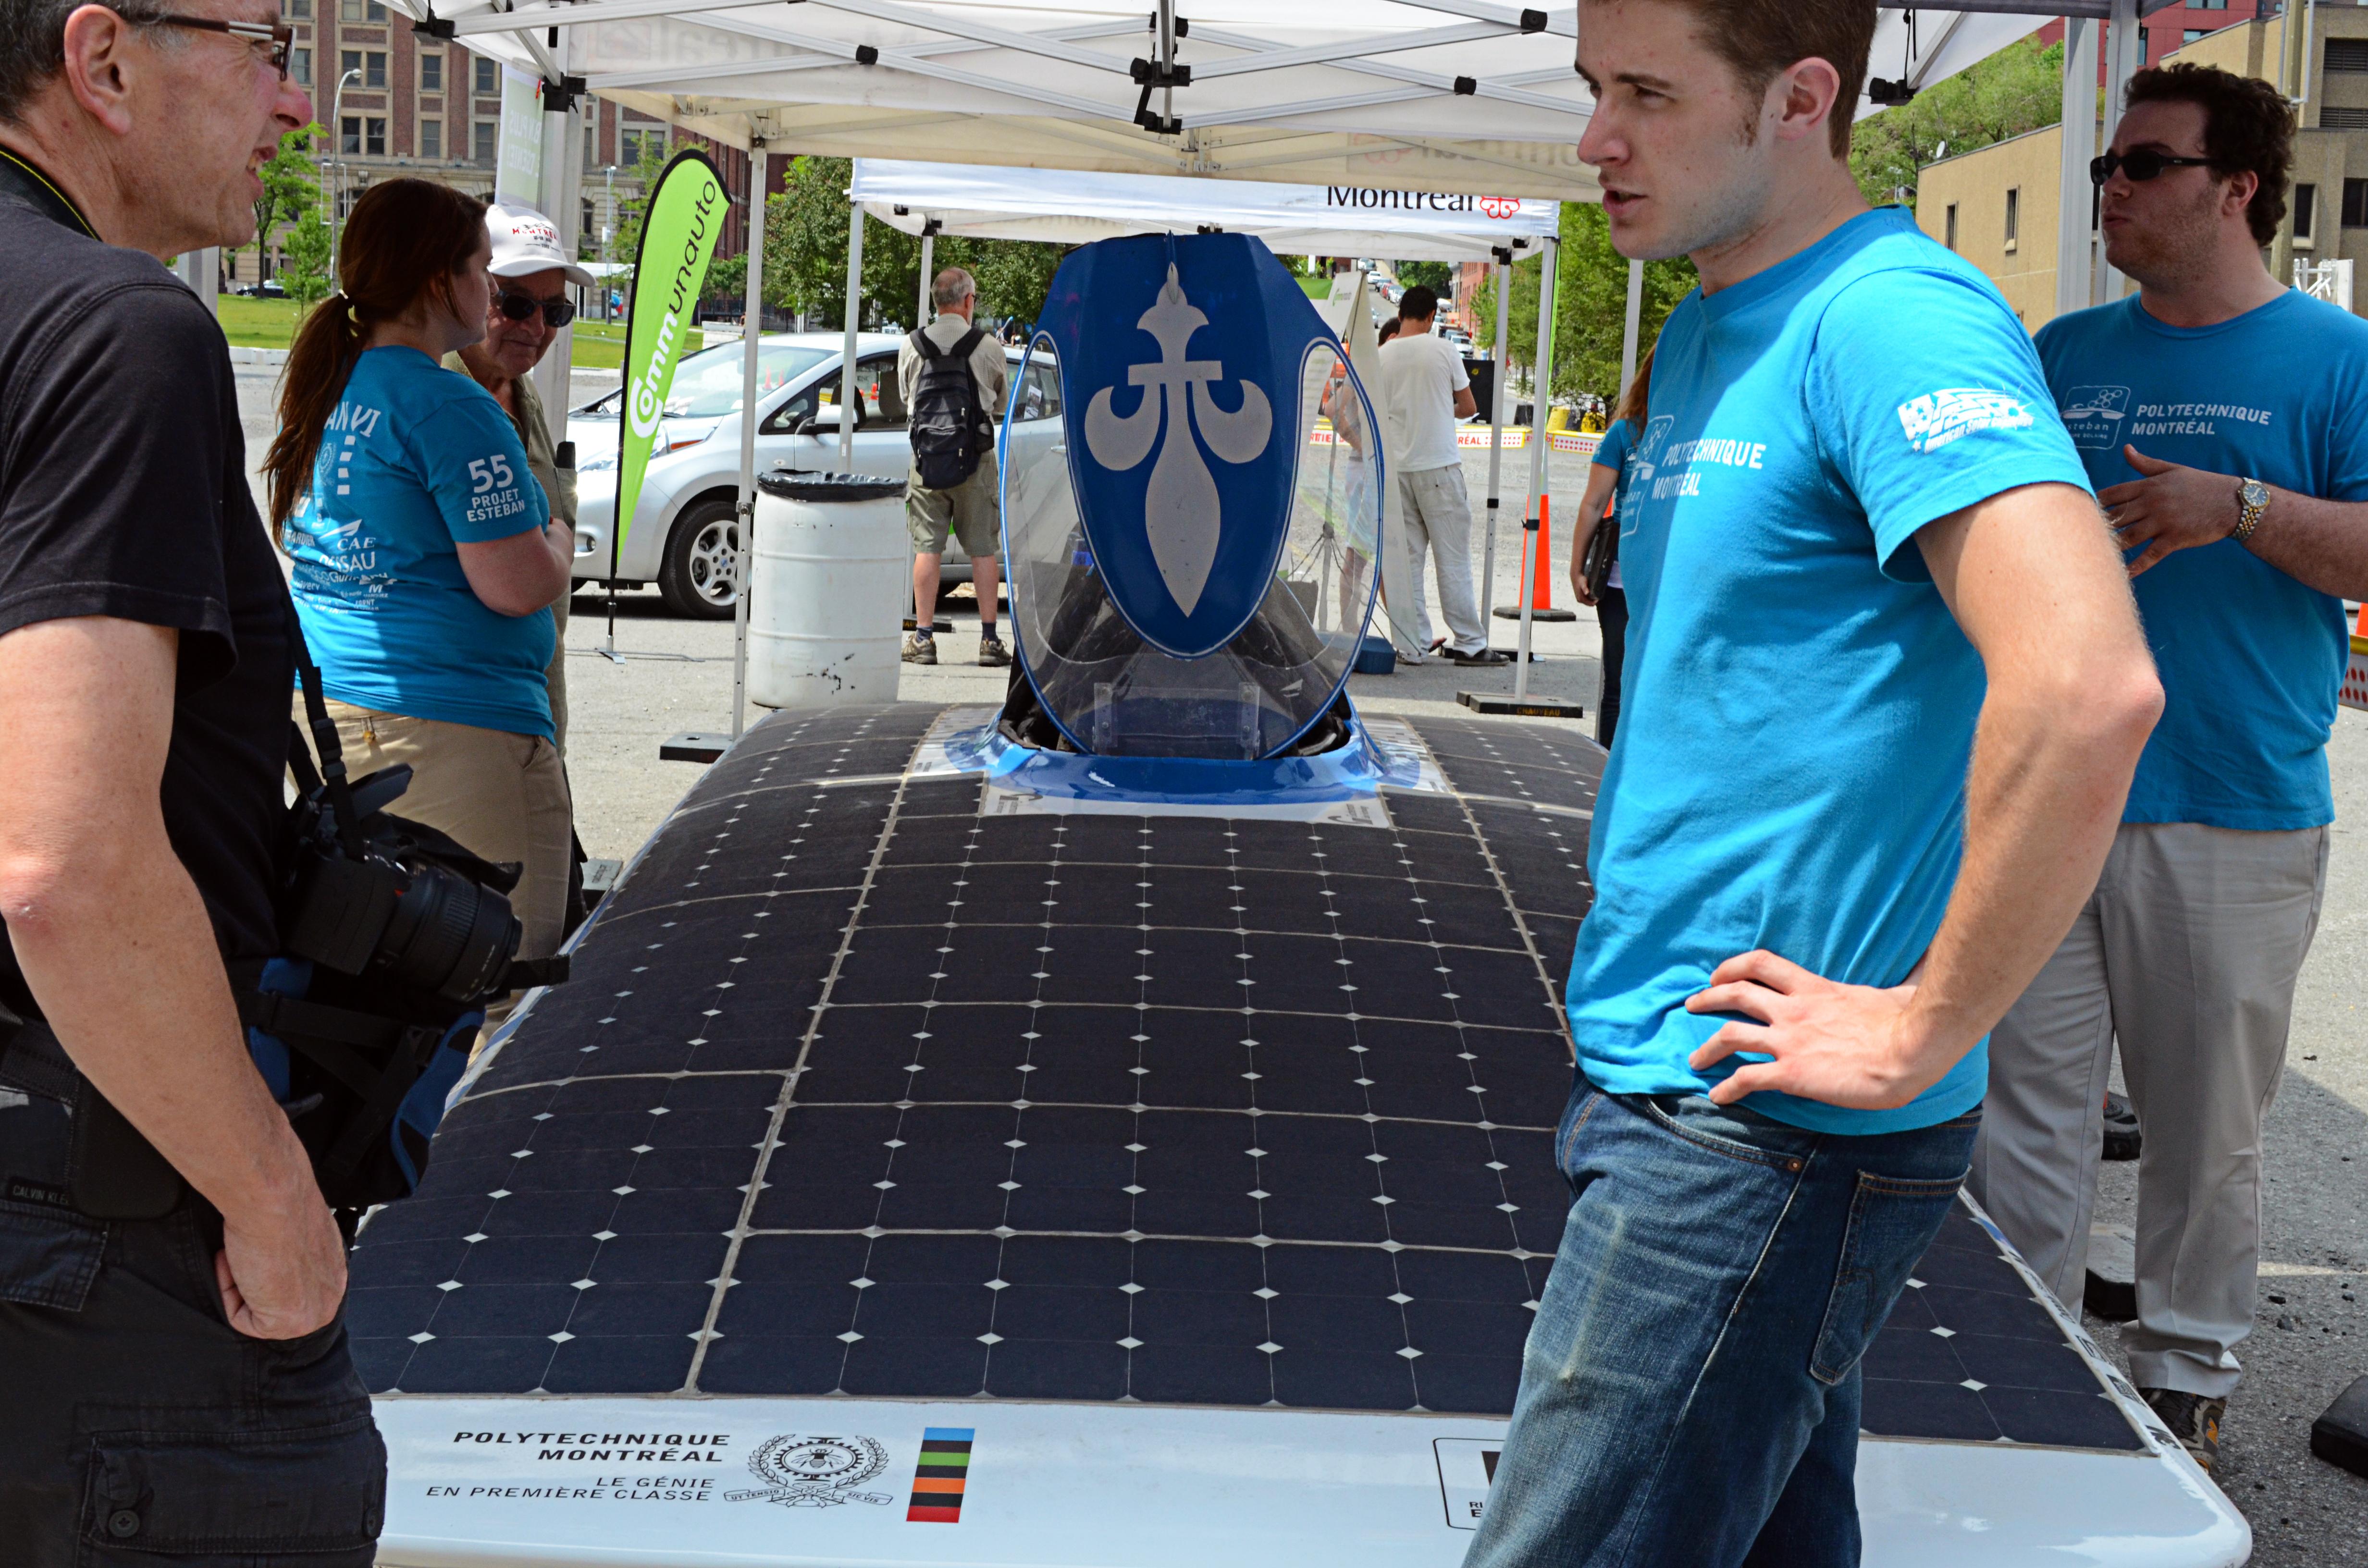 La voiture solaire Esteban, un projet d'étudiants de la Polytechnique